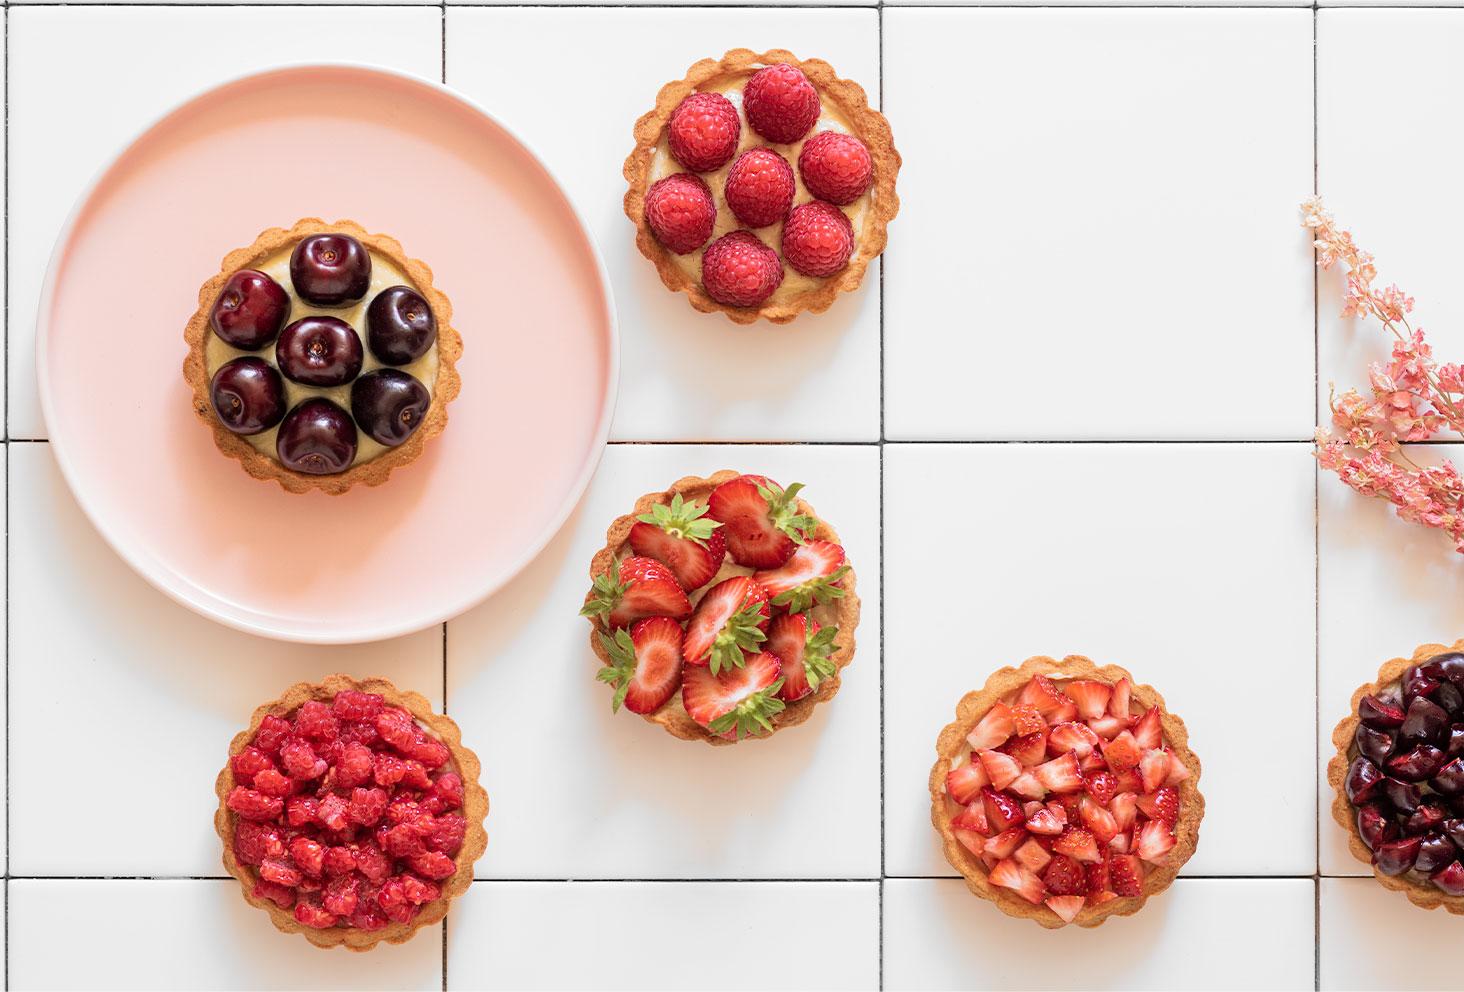 Plusieurs tartelettes aux fruits rouges posées dans une assiette rose sur du carrelage blanc